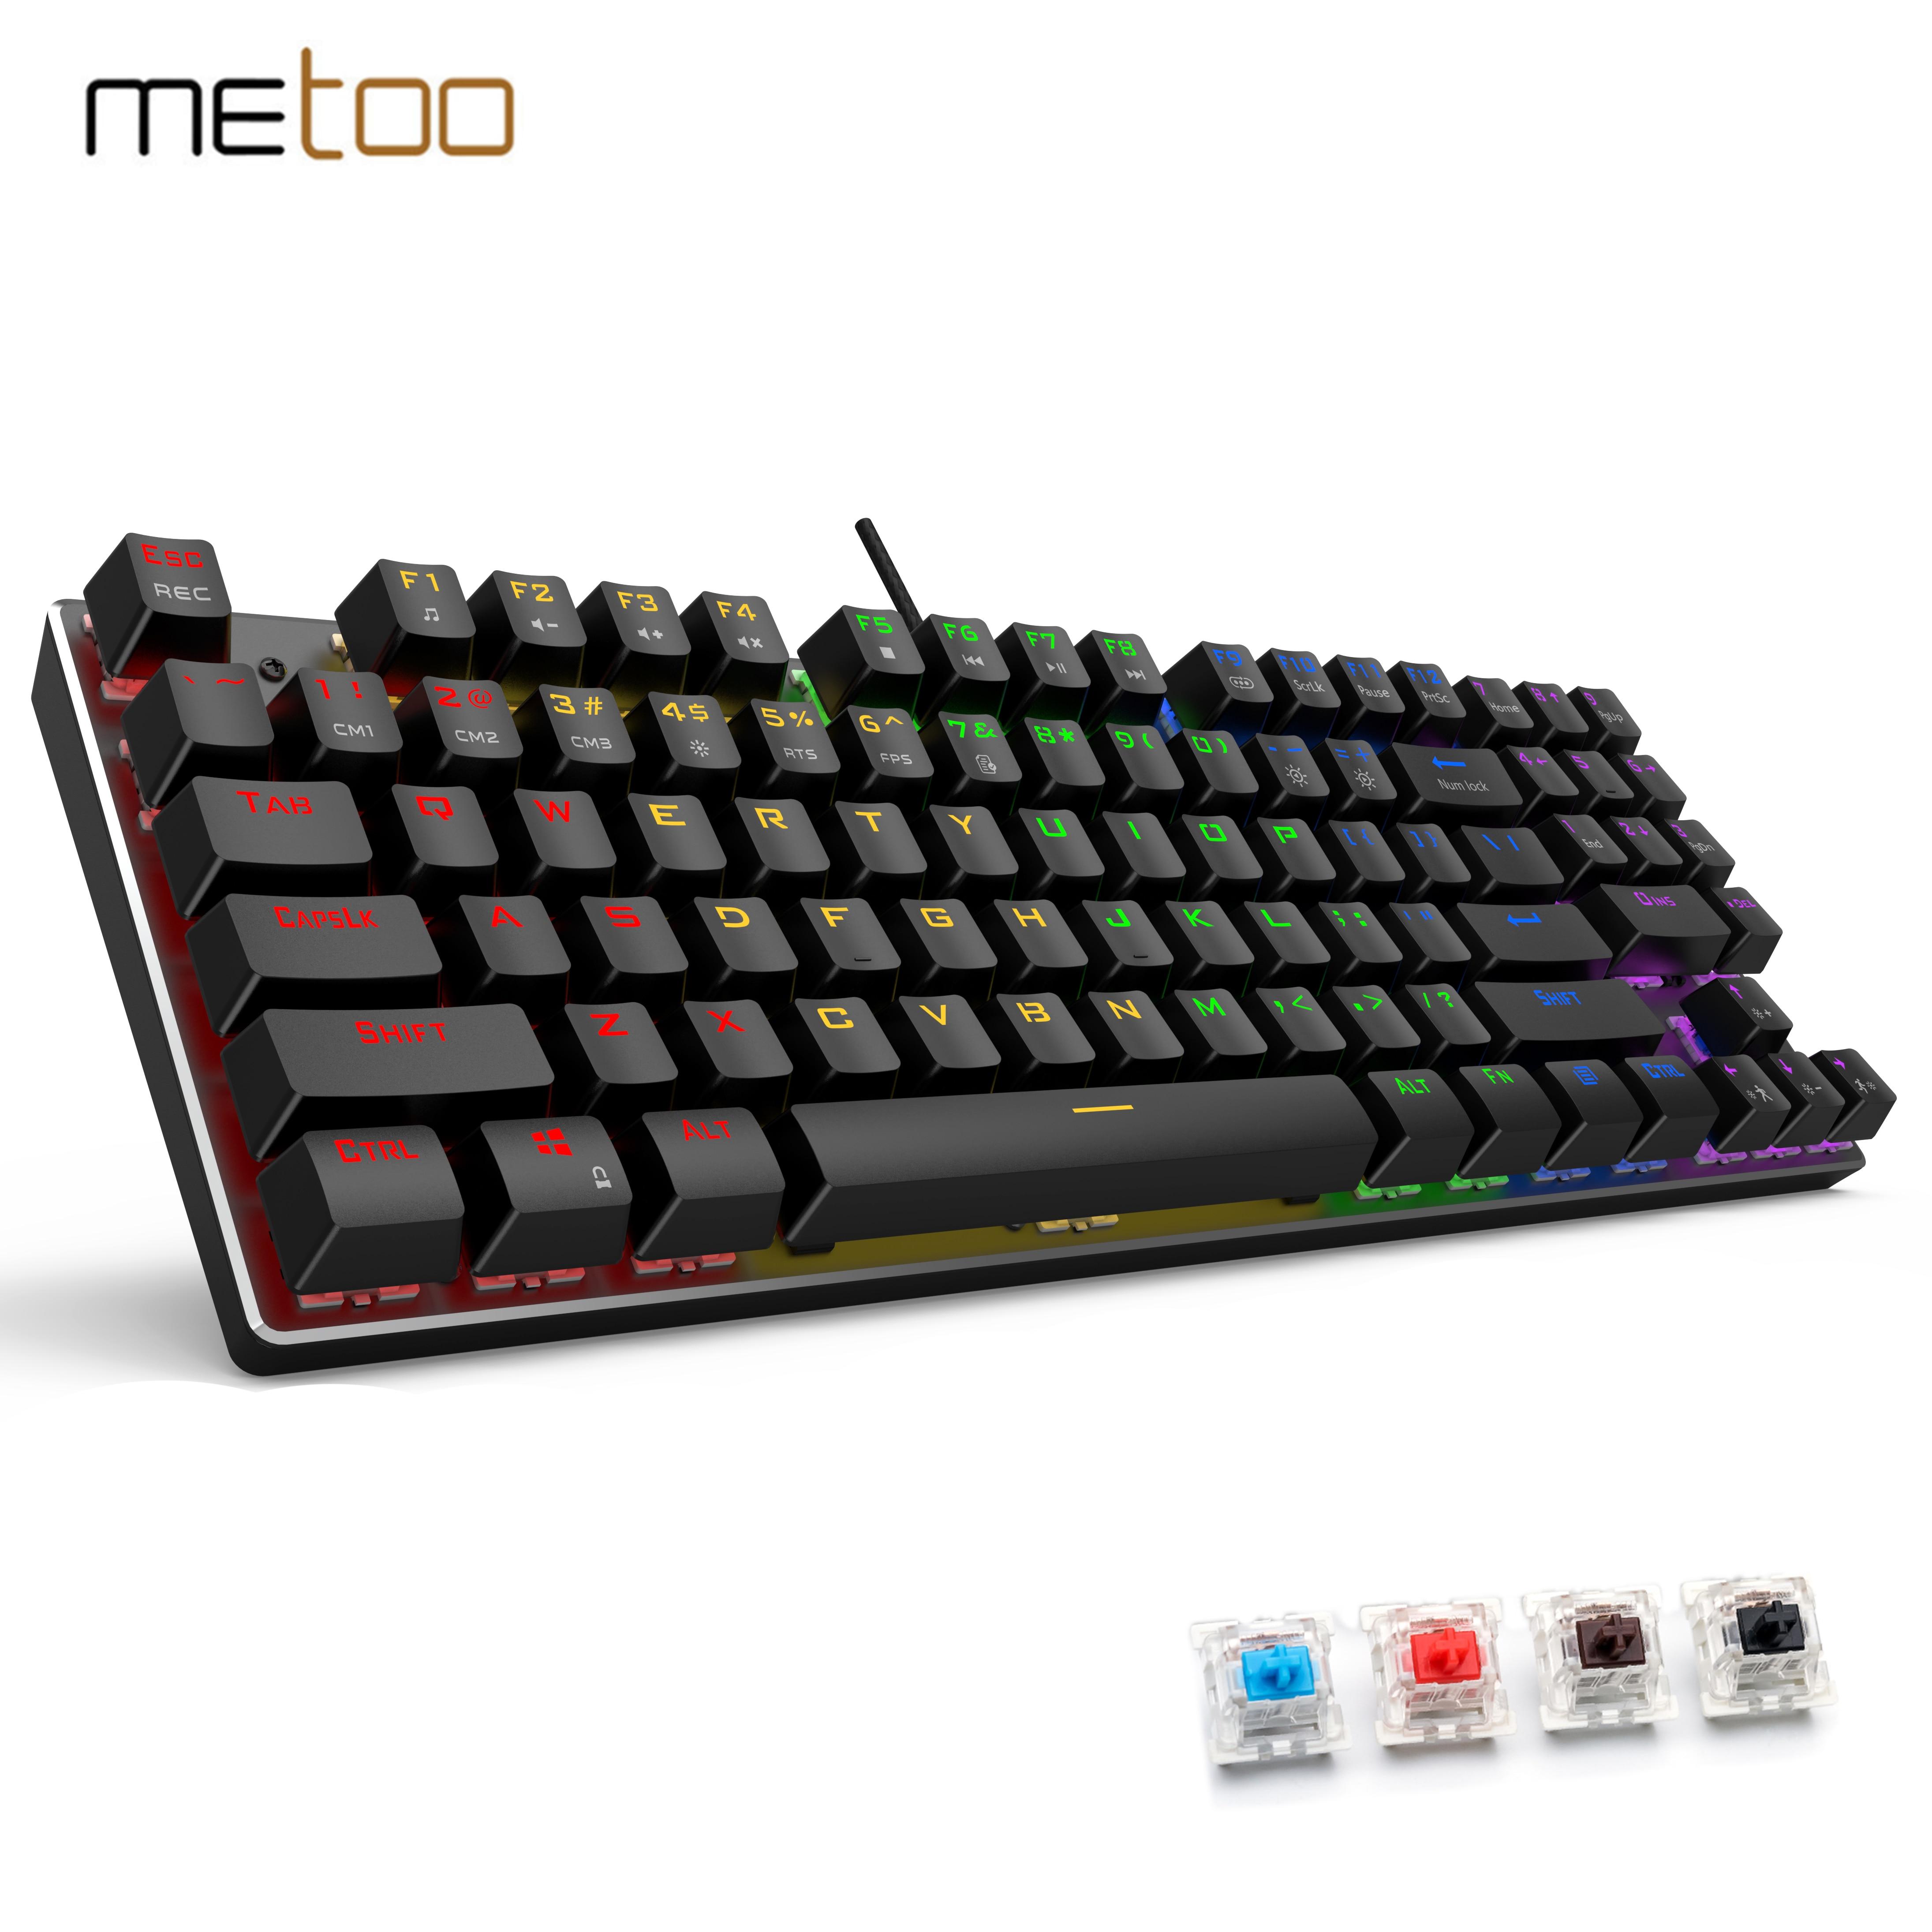 Игровая механическая клавиатура Metoo Edition 89kyes, русская Проводная USB клавиатура с защитой от фиктивных нажатий для игровых ноутбуков и ПК